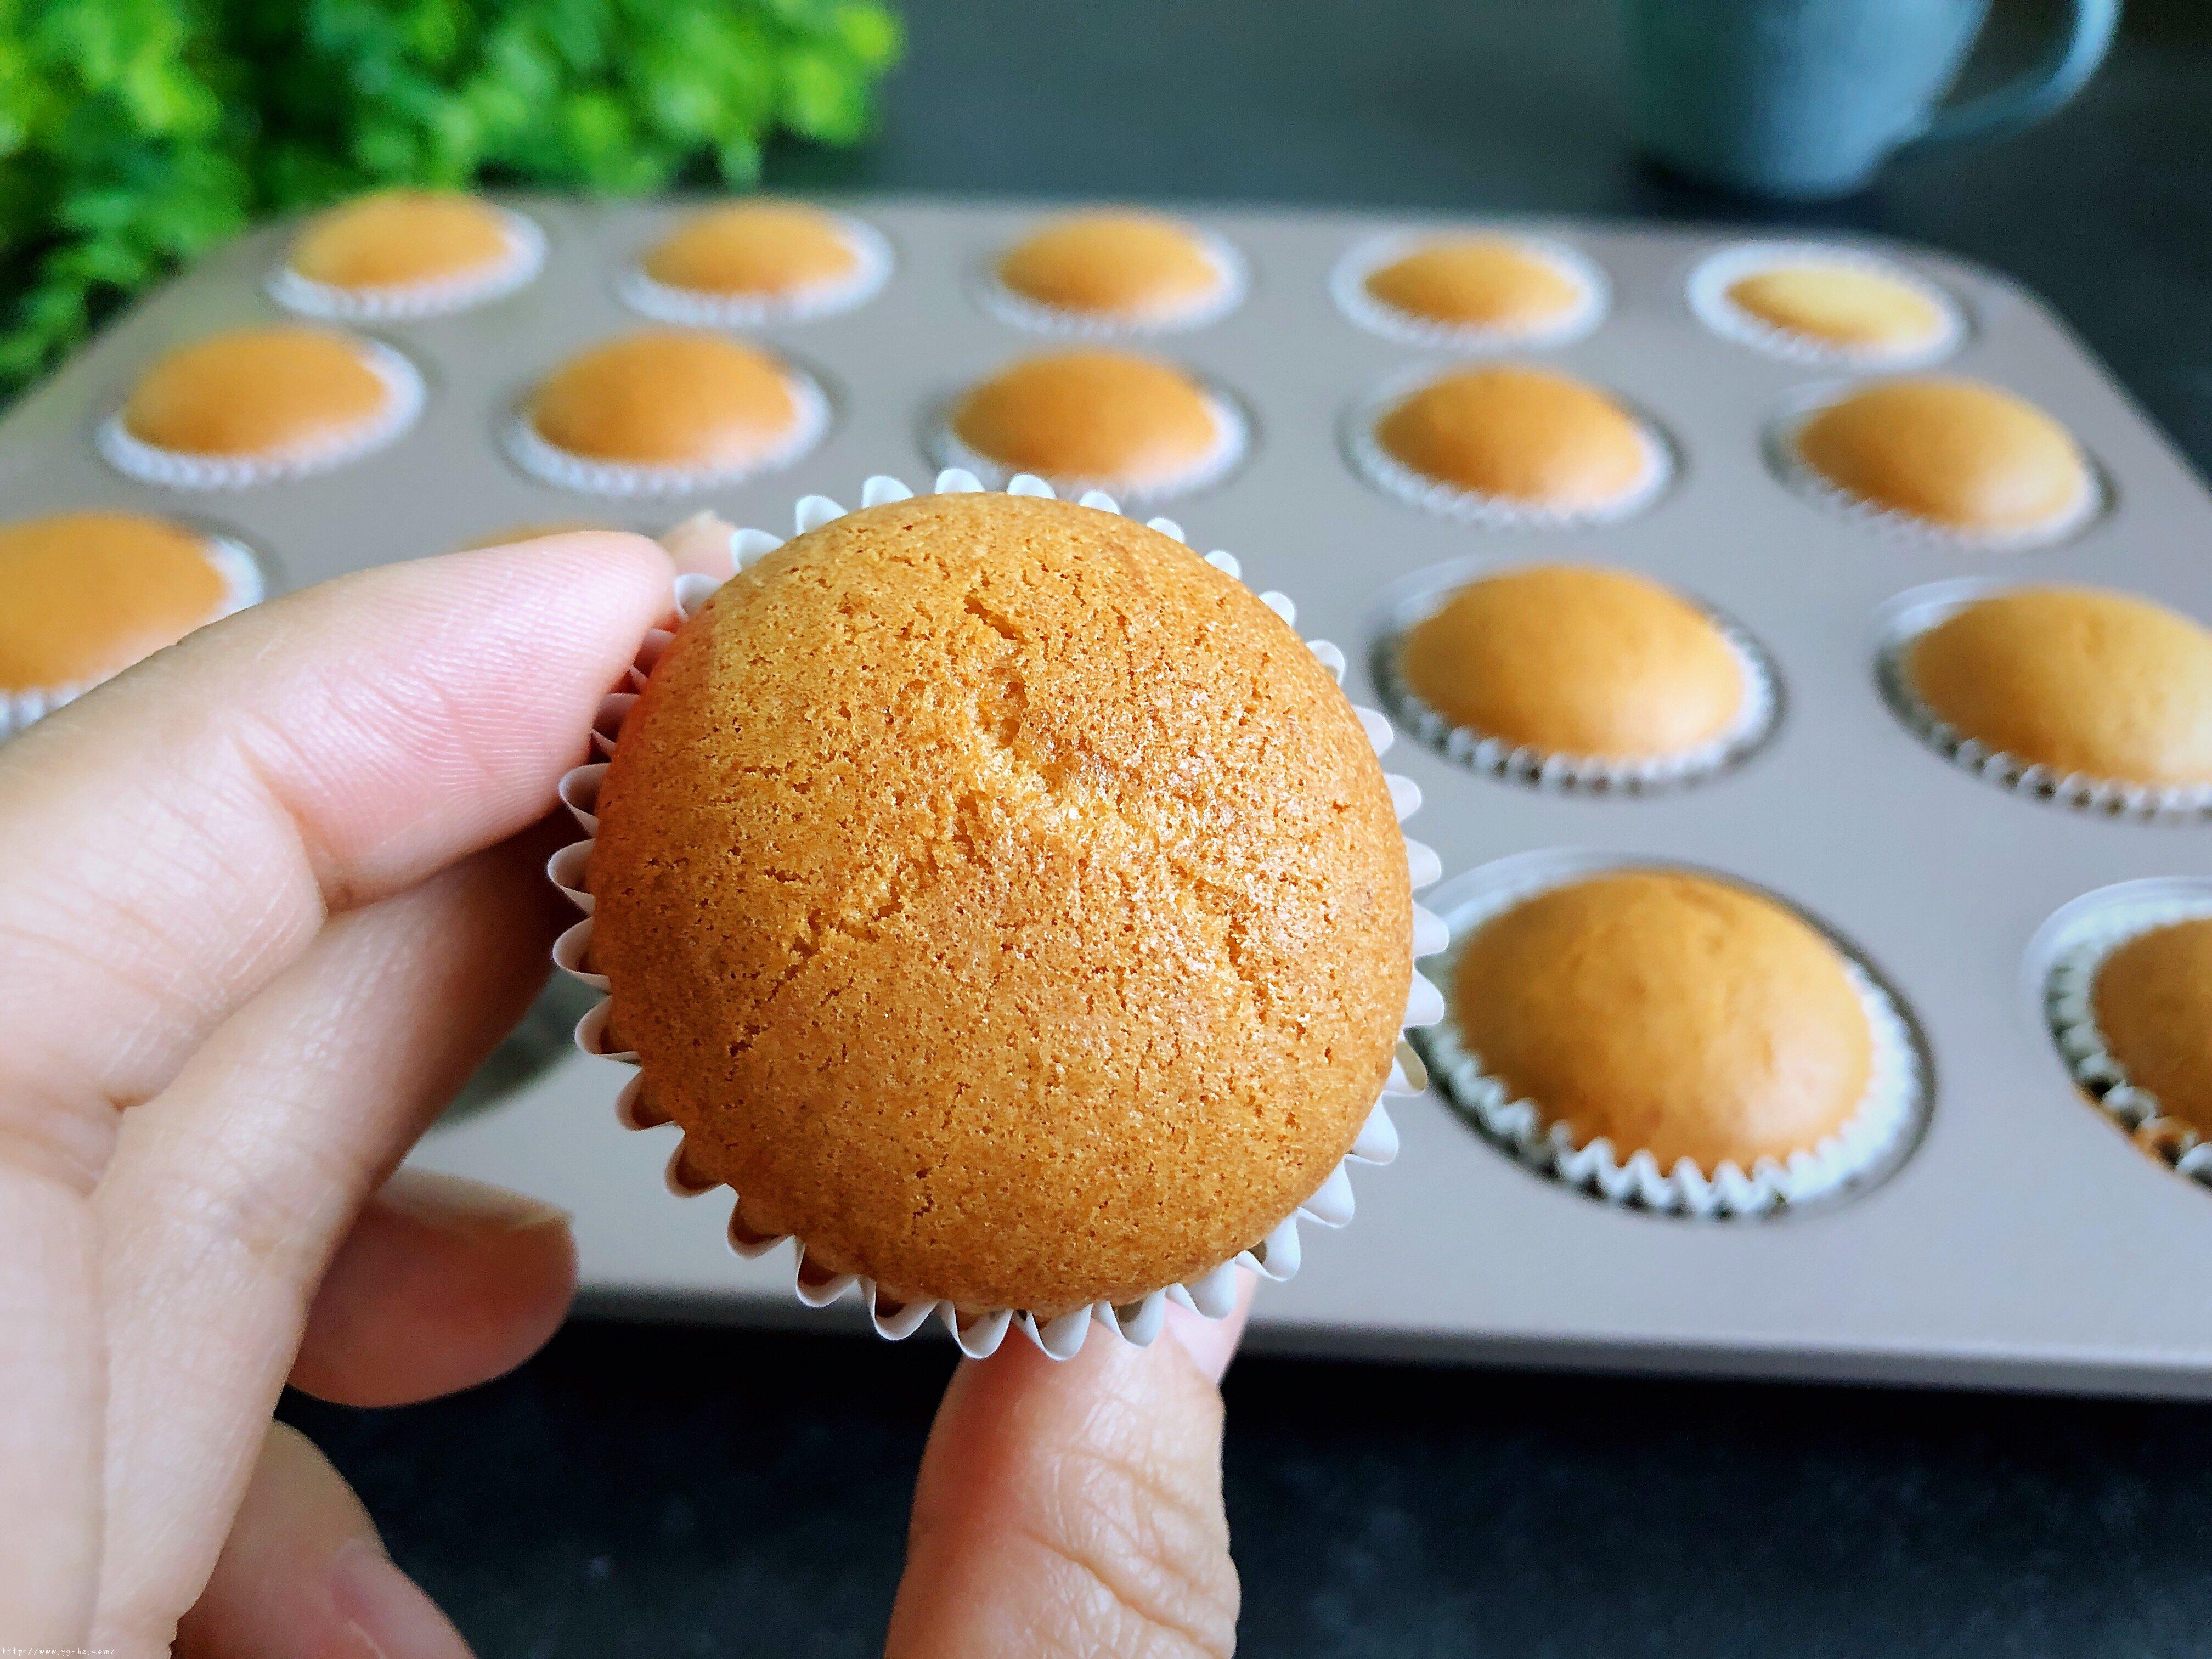 老式无水小蛋糕不塌的秘诀,此配方蓬松暄软甜度适中,成功率高的做法 步骤9